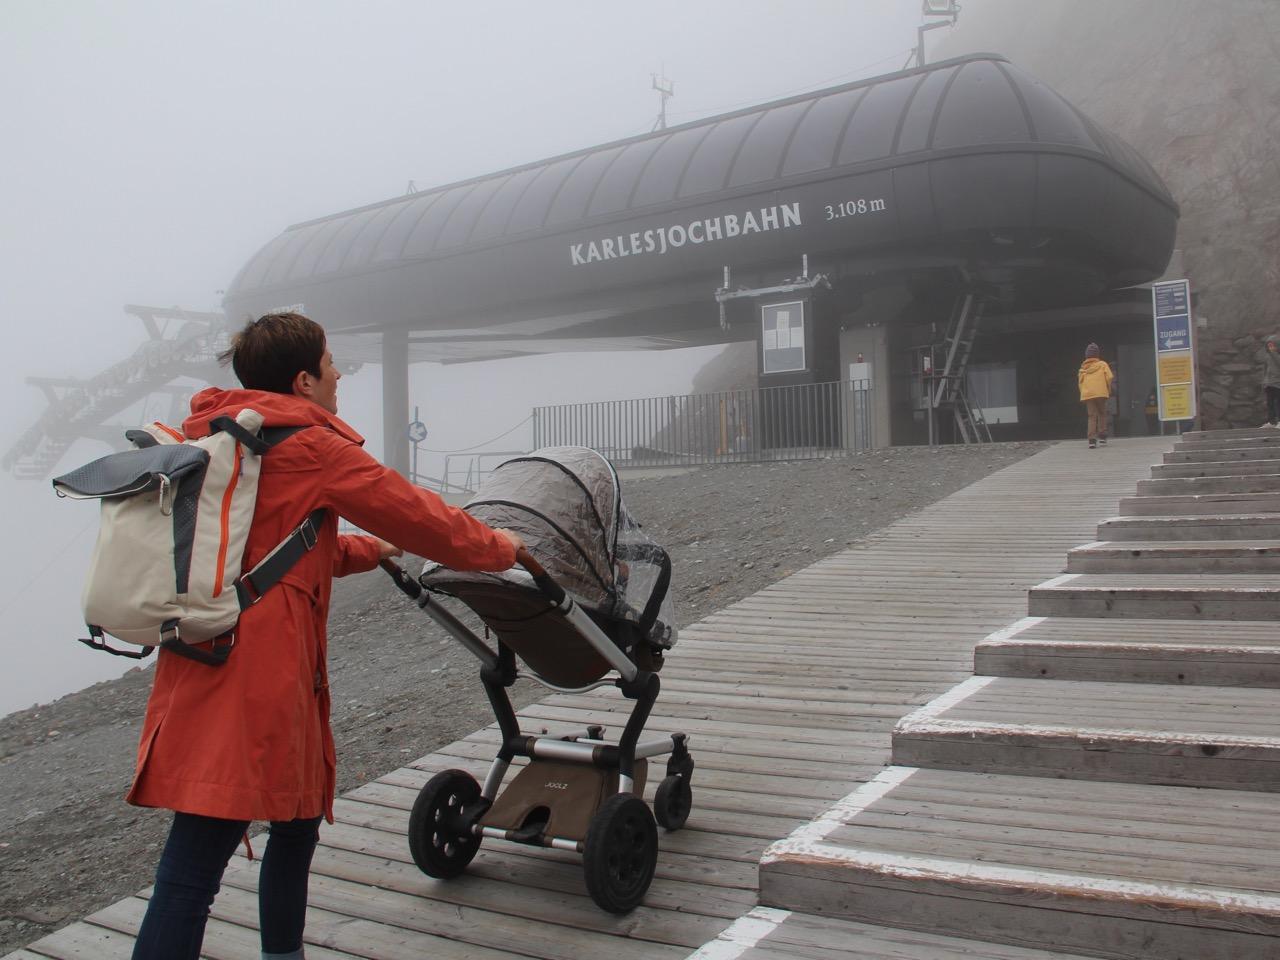 Tirol barrierefrei: Mit dem Kinderwagen bis auf den Gletscher. Die Karlesjochbahn bringt einen bis zum Dreiländerblick. www.berlinfreckles.de